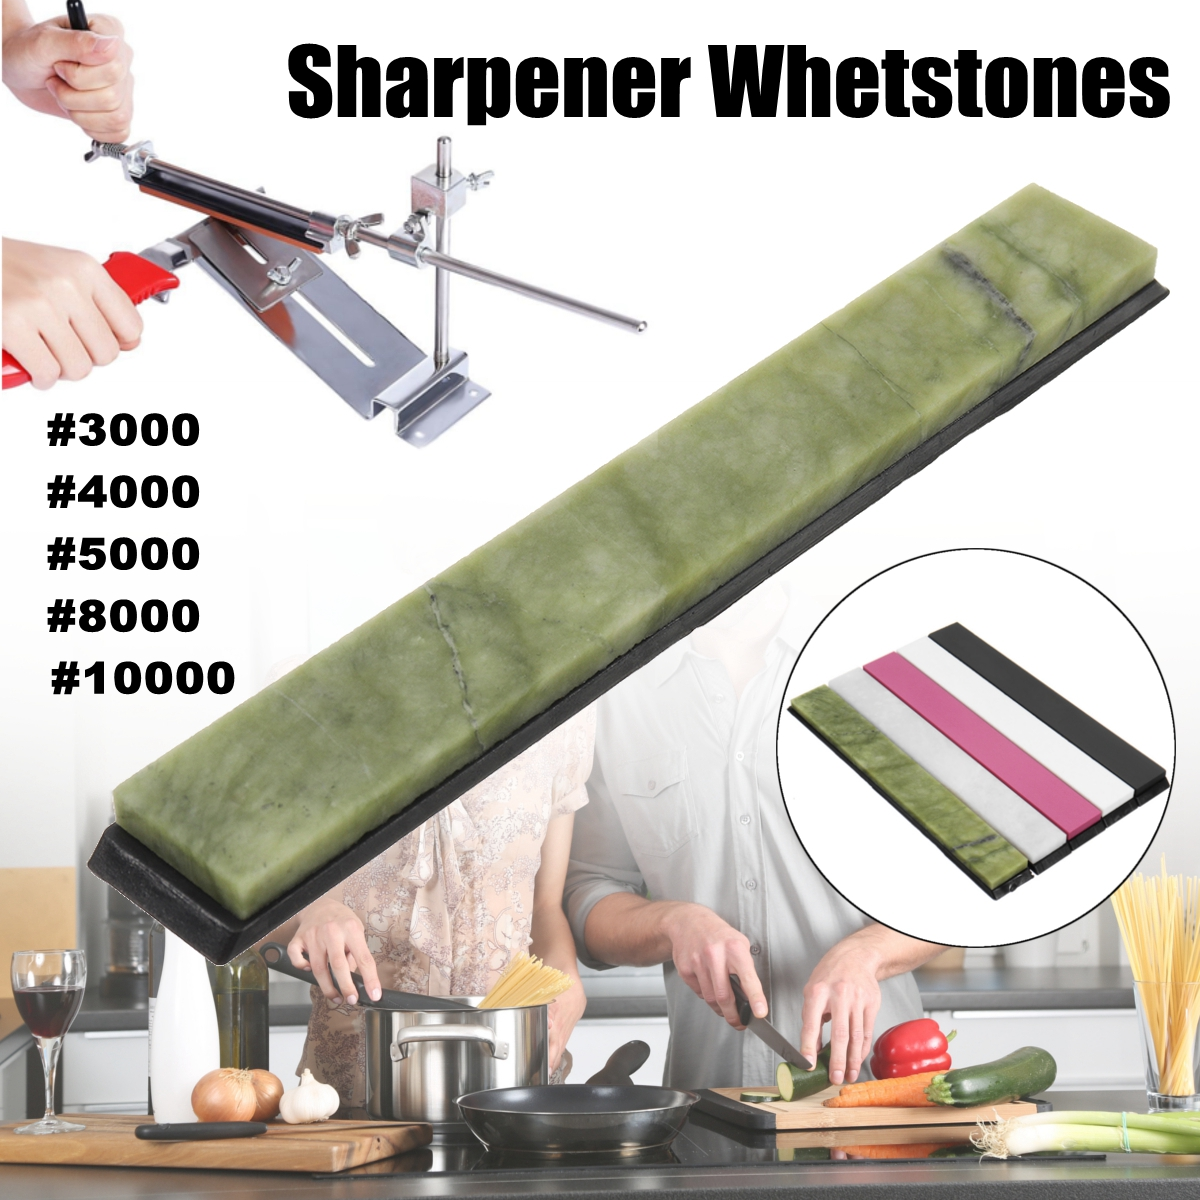 Piedra de jade de pulido de alta calidad #3000 #4000 #5000 #8000 #10000 afilador de cuchillos de piedra de afilar con Base